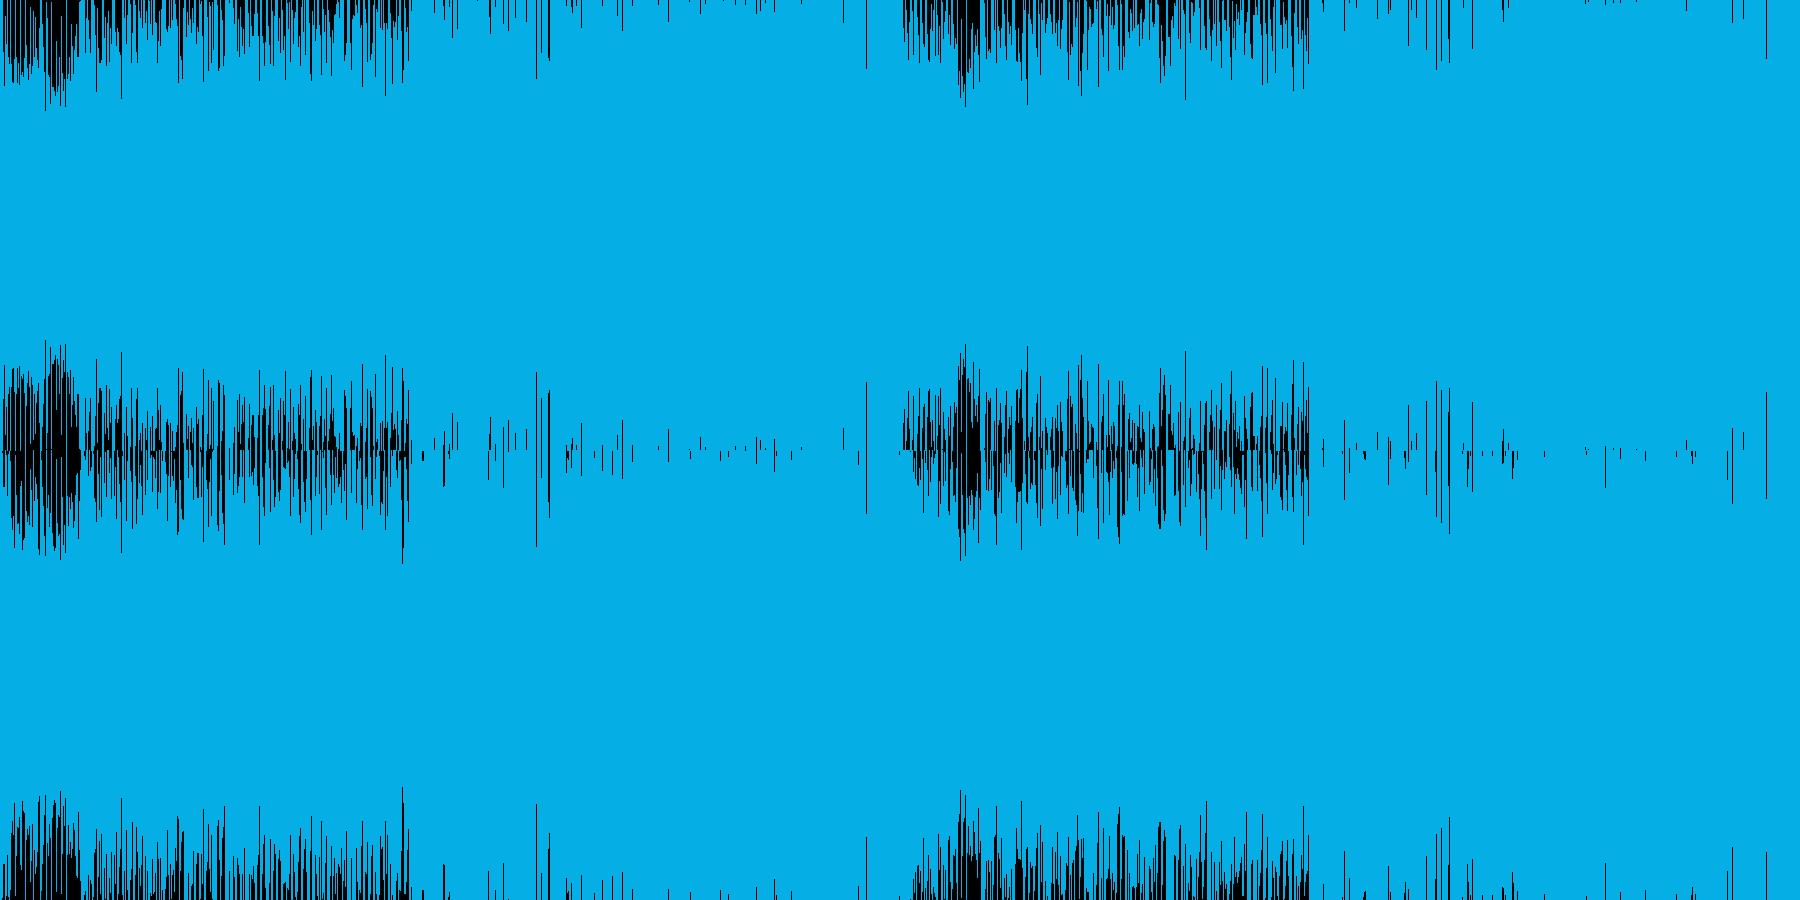 夏のトロピカルなイメージのBGM_ループの再生済みの波形